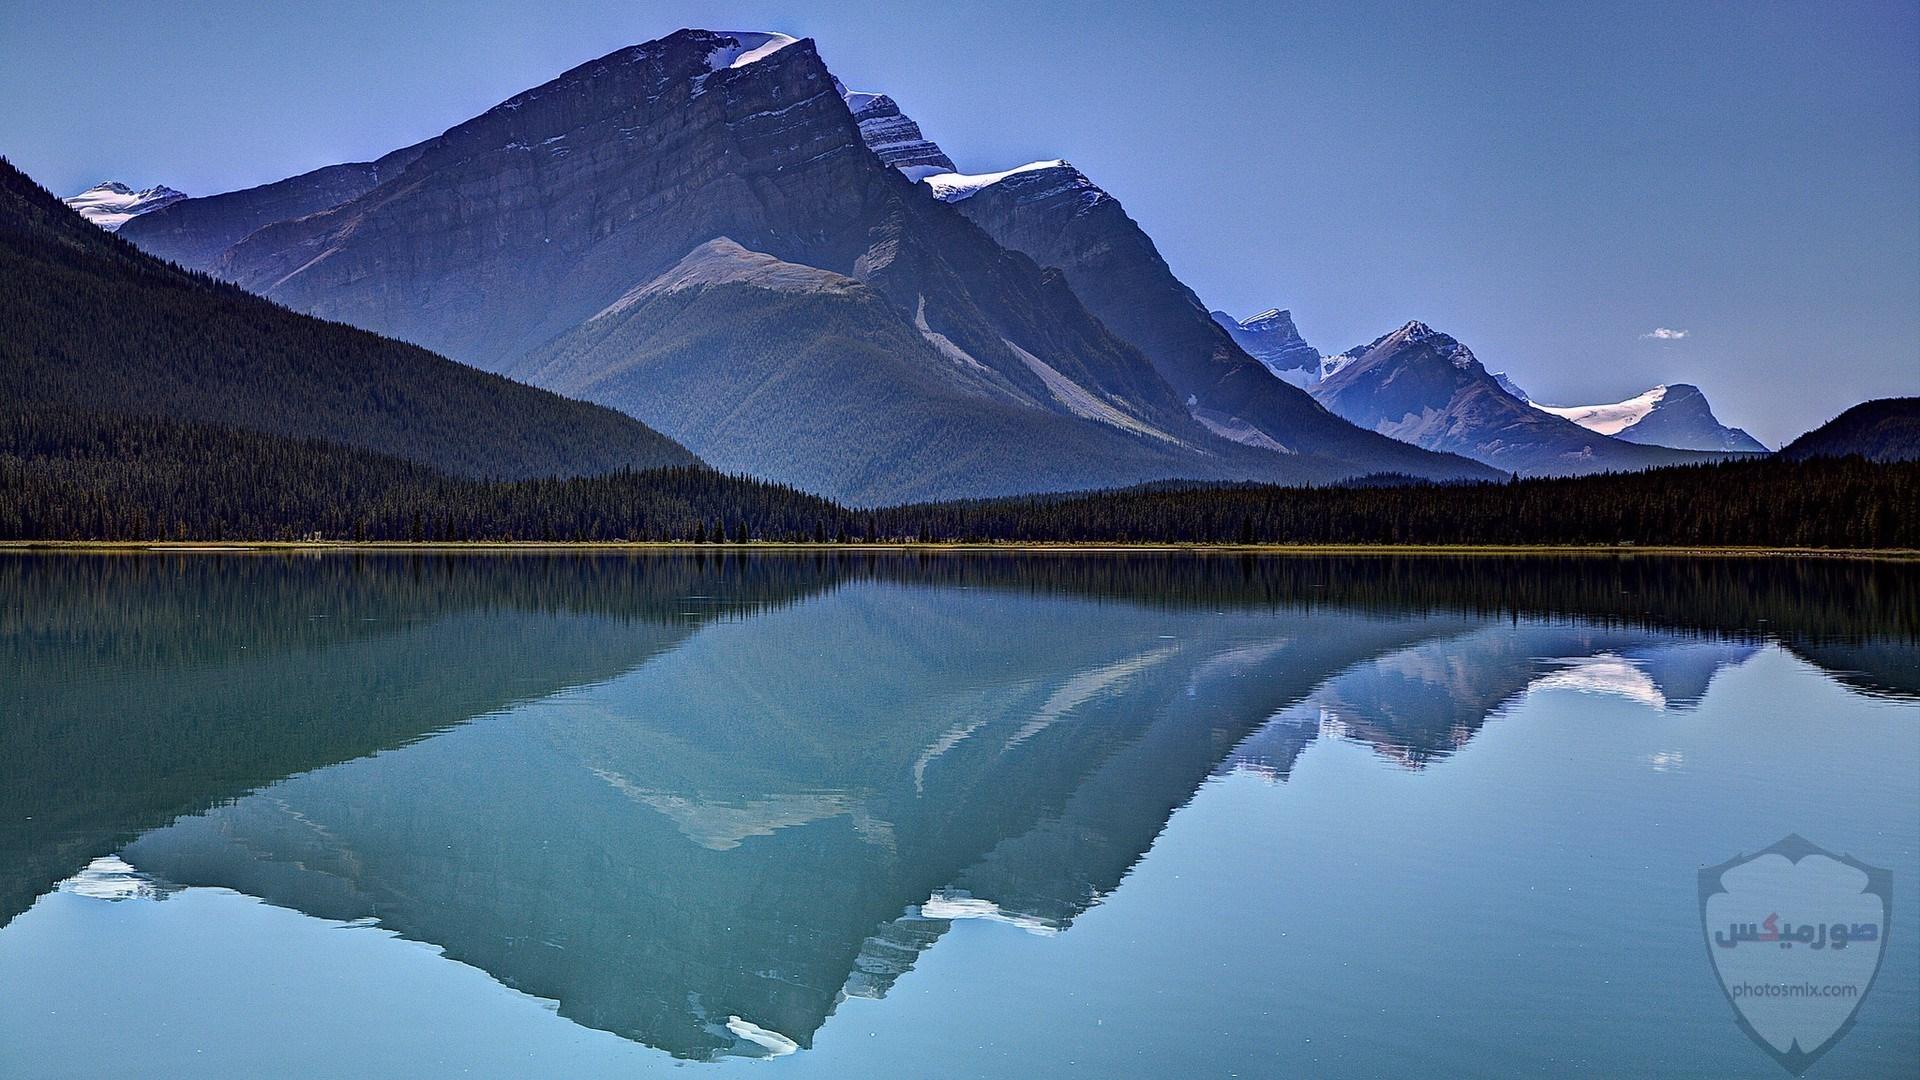 صور وخلفيات جبال وشلالات طبيعية HD خلفيات جبال خضراء وثلجية 22